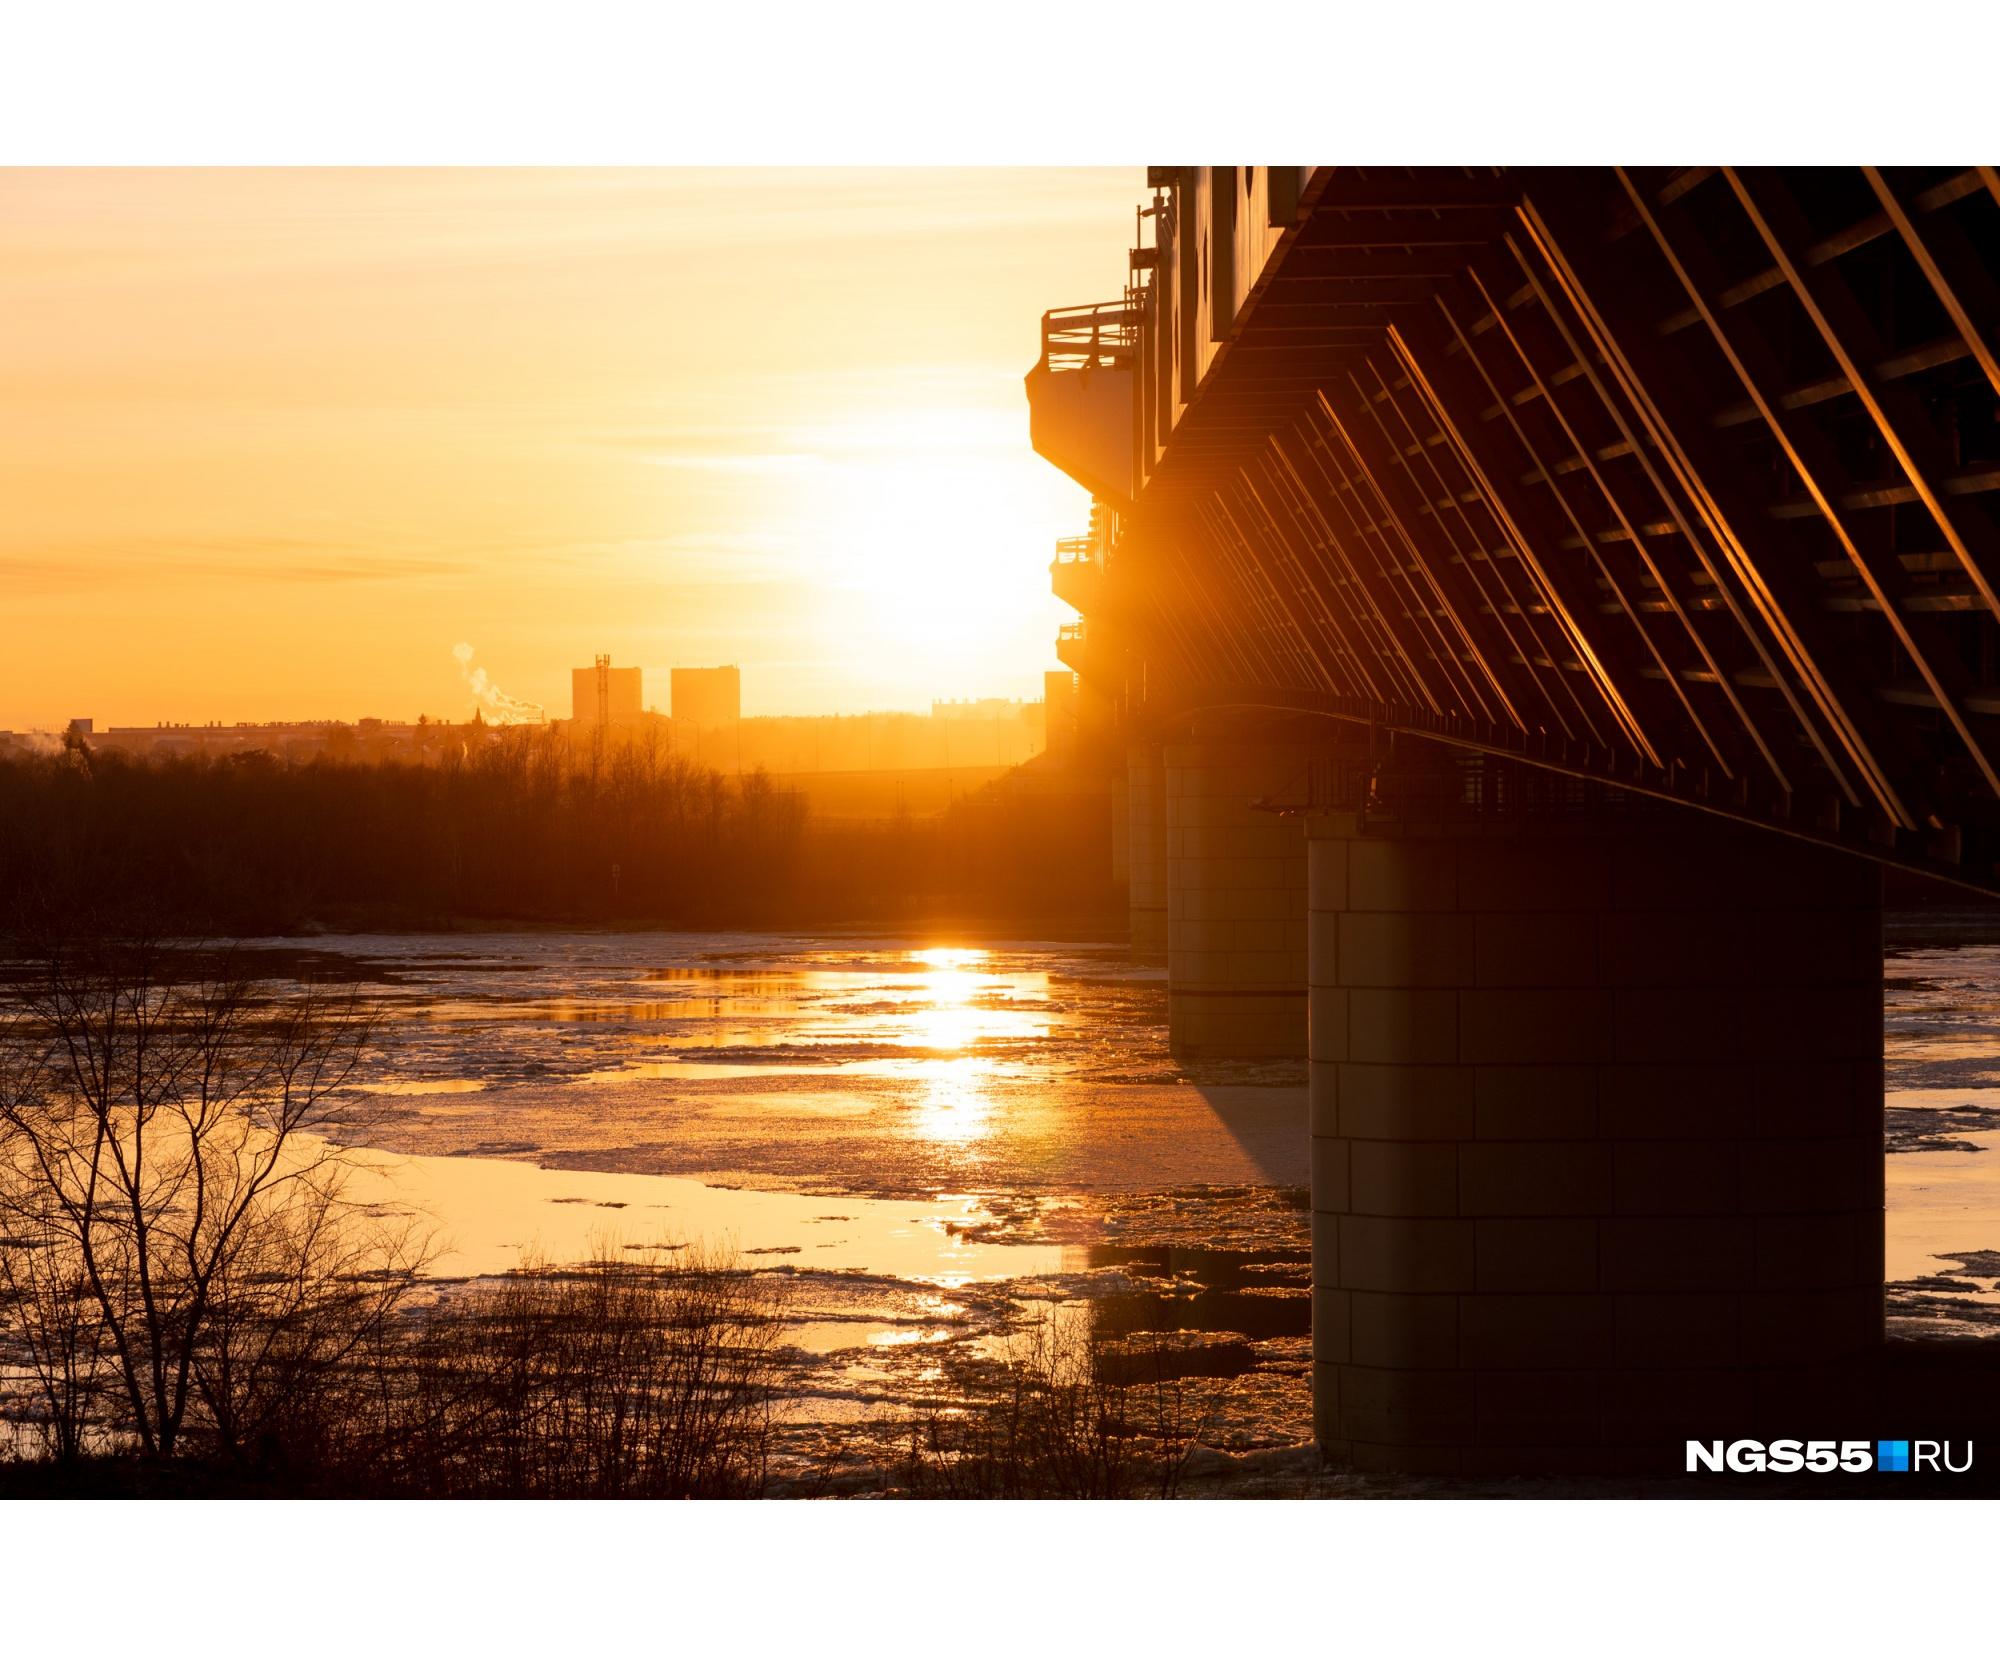 Льдины сверкают в закатном солнце